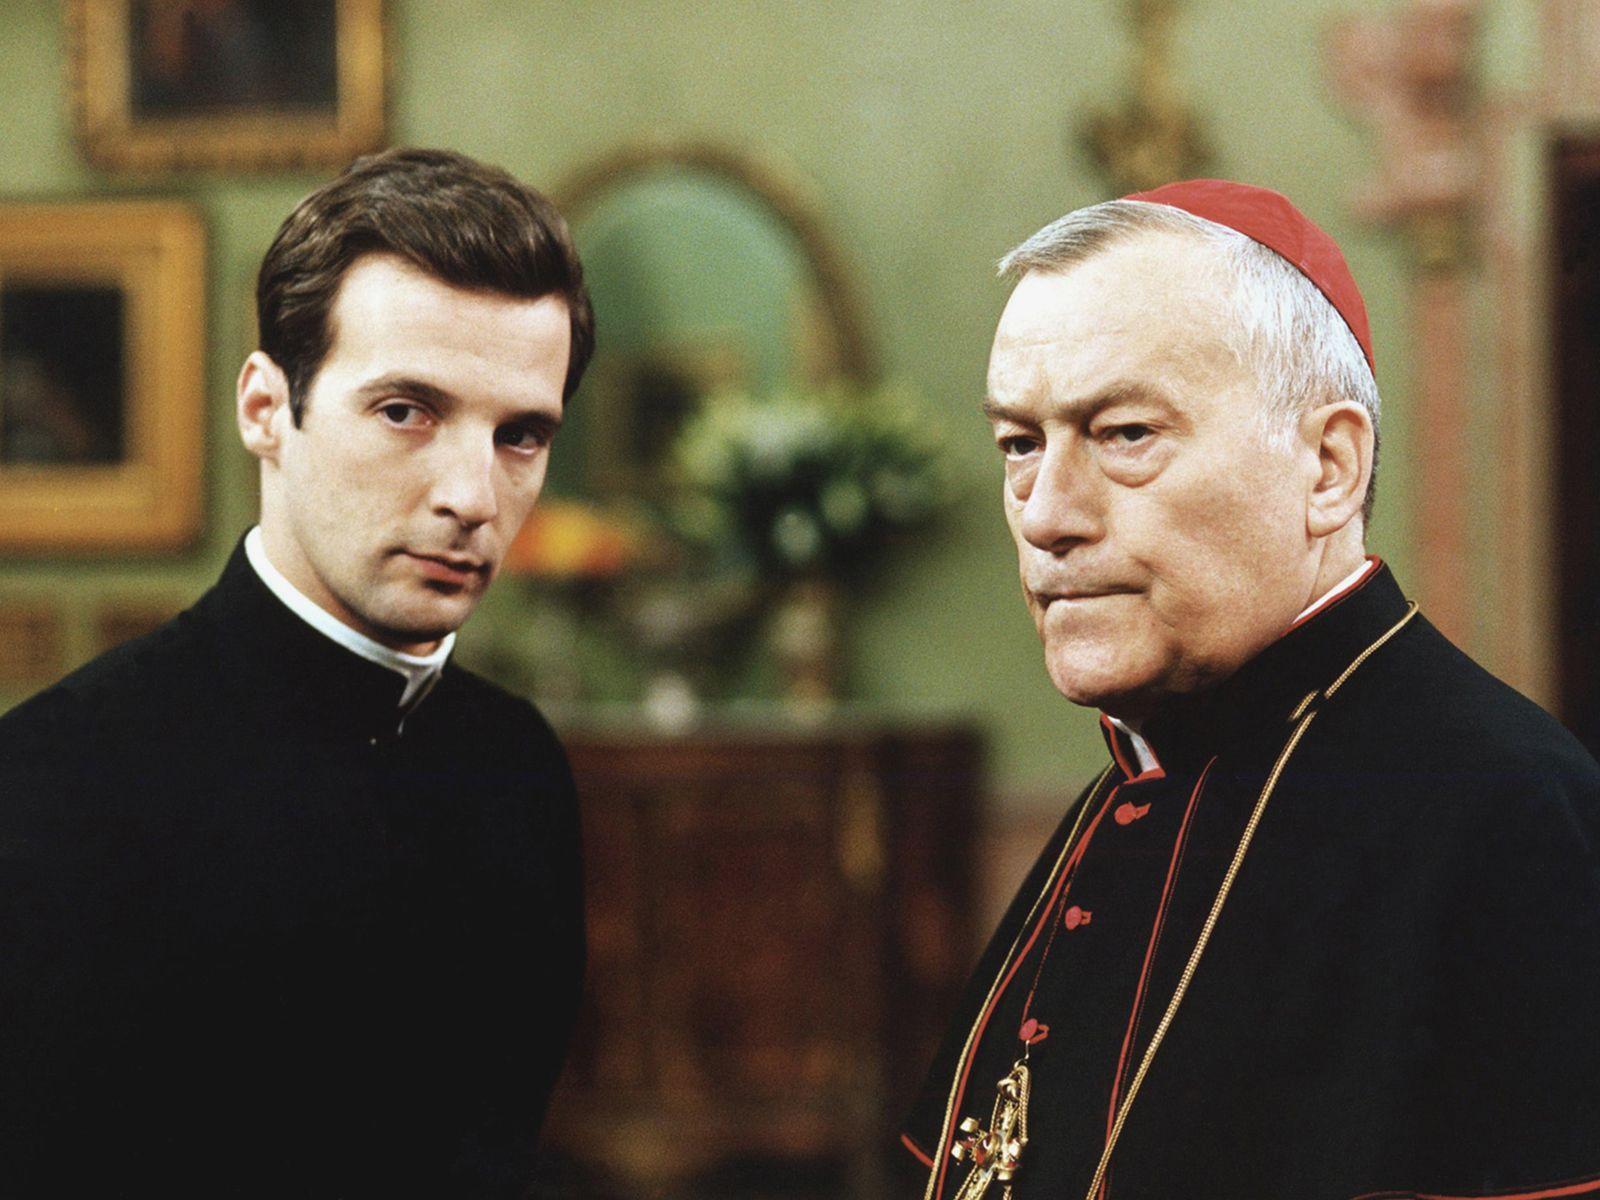 Des religieux dans les films (1)